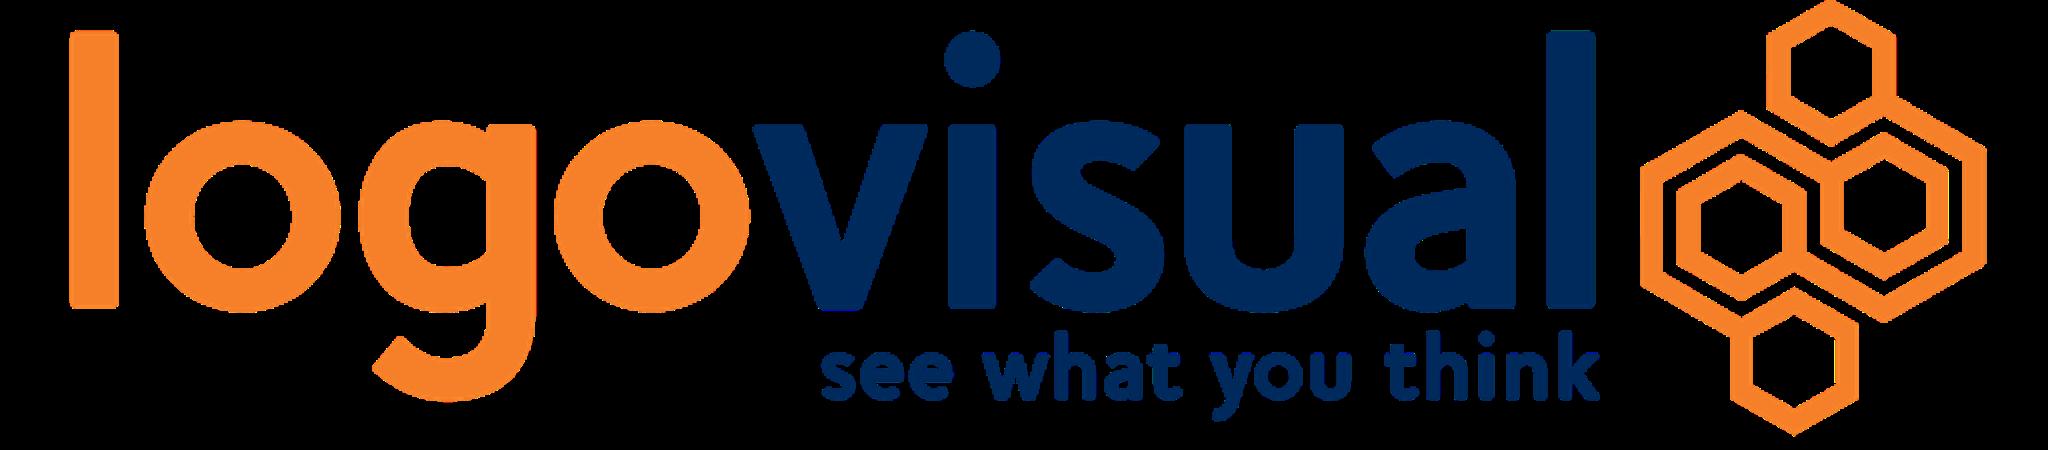 Logo (transparent background) - edit.png